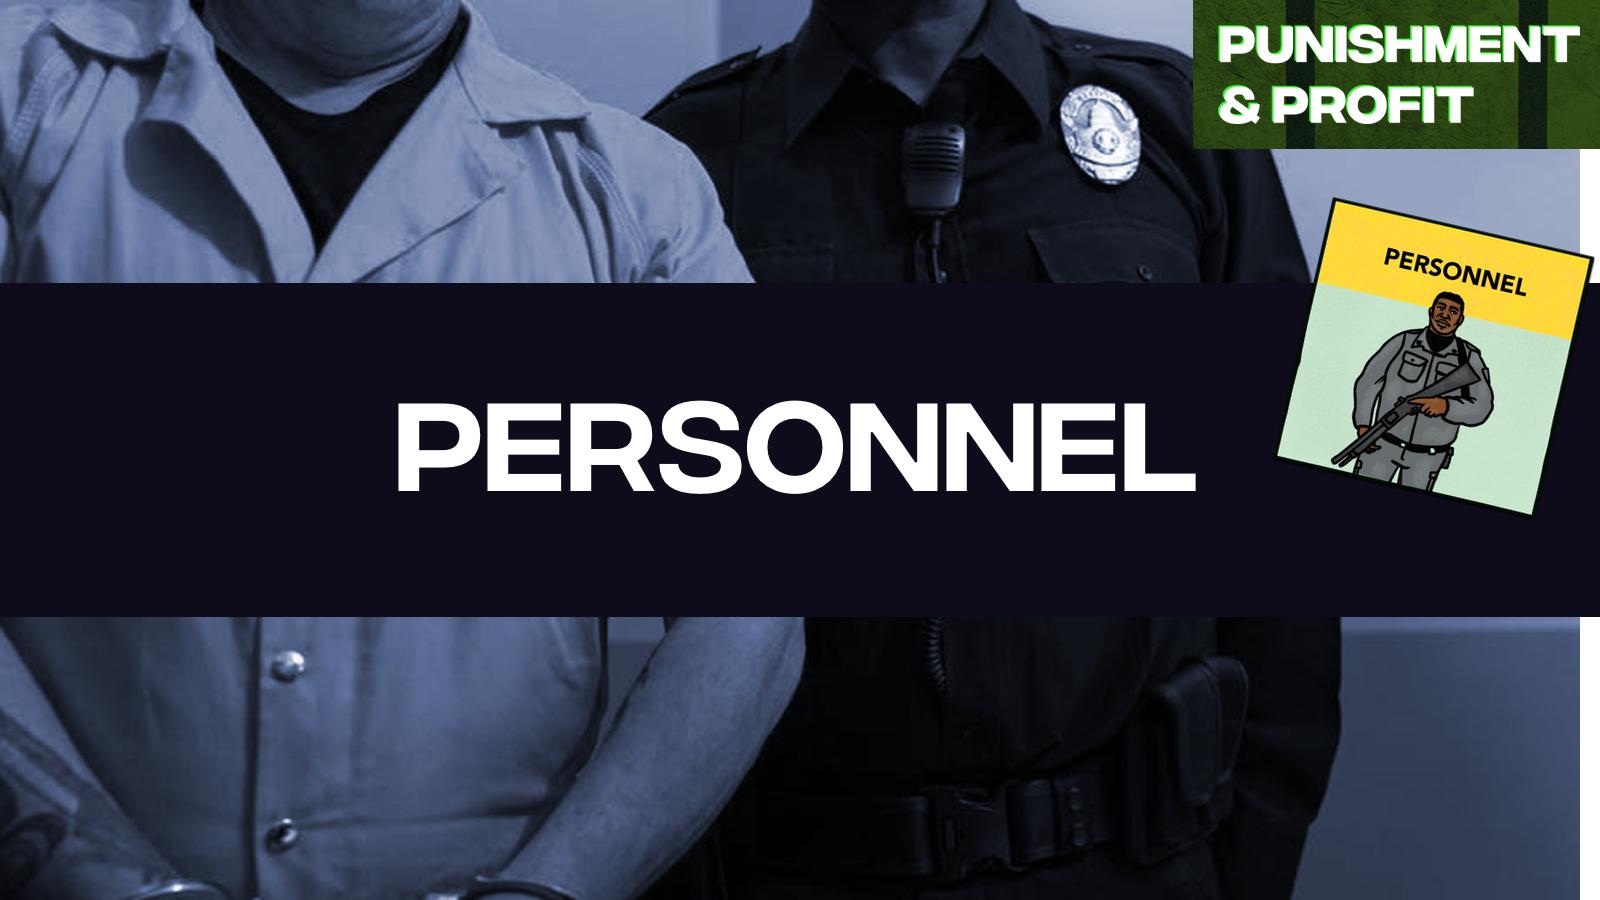 Punishment & Profit: Personnel